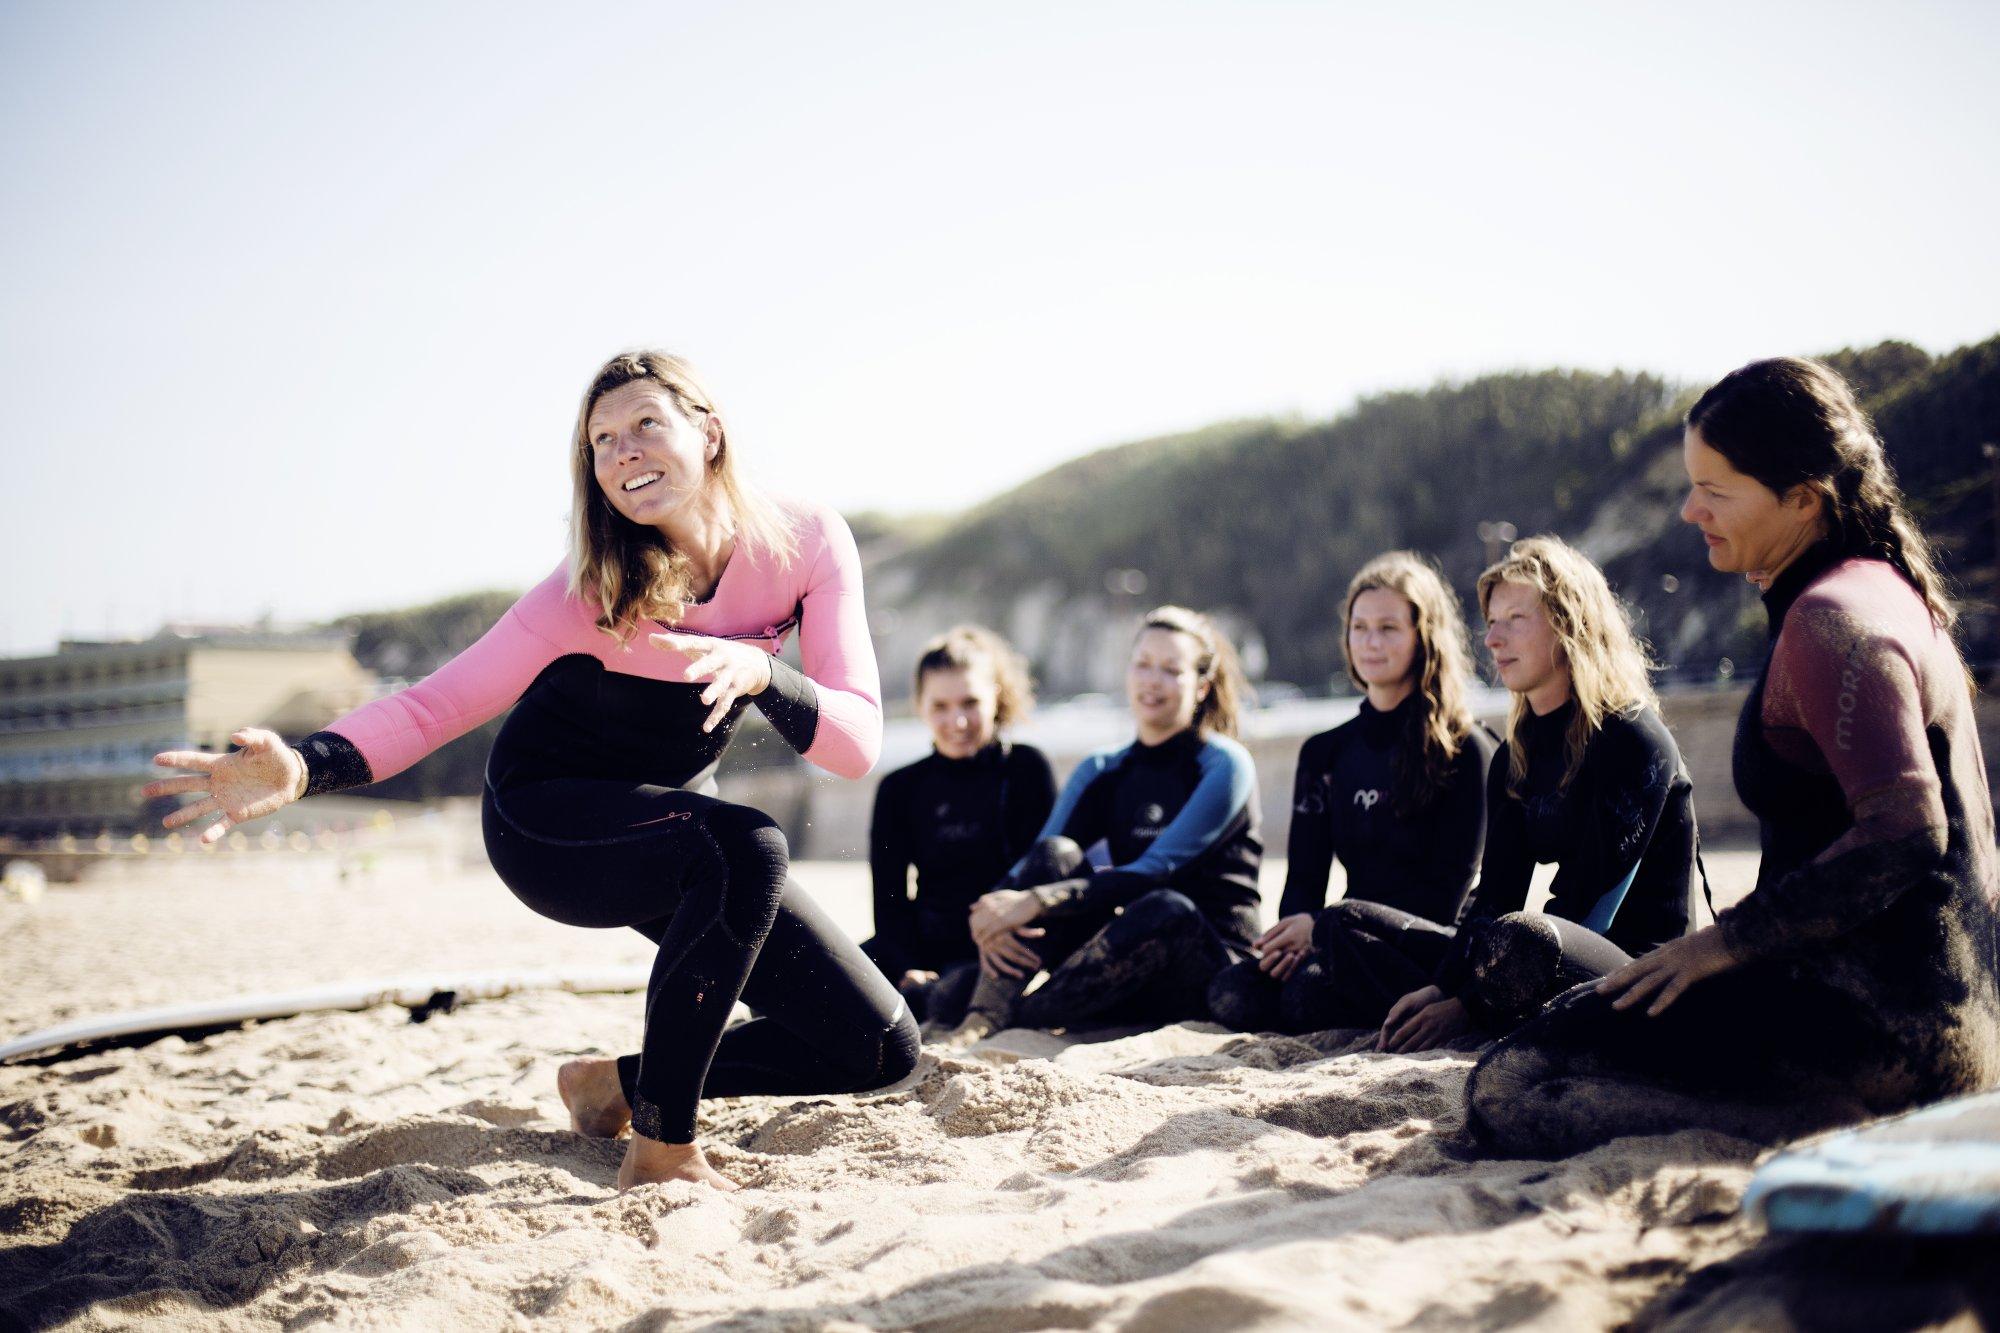 Im Salty Way Surfcamp machst dank engagierter Lehrer schnell Fortschritte.